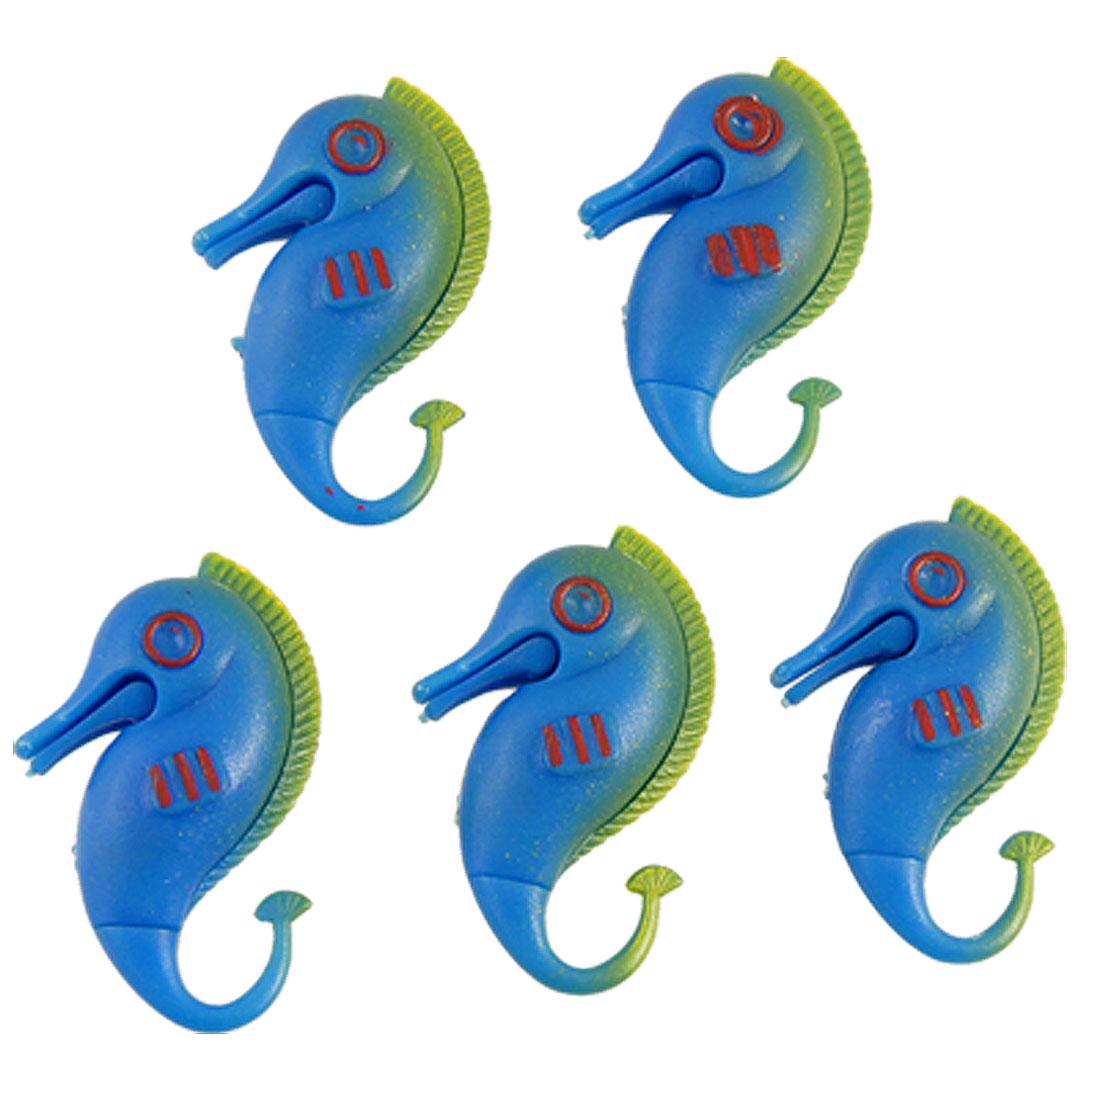 Plastic Hippocampi Fish Tank Ornament Aquarium Decor